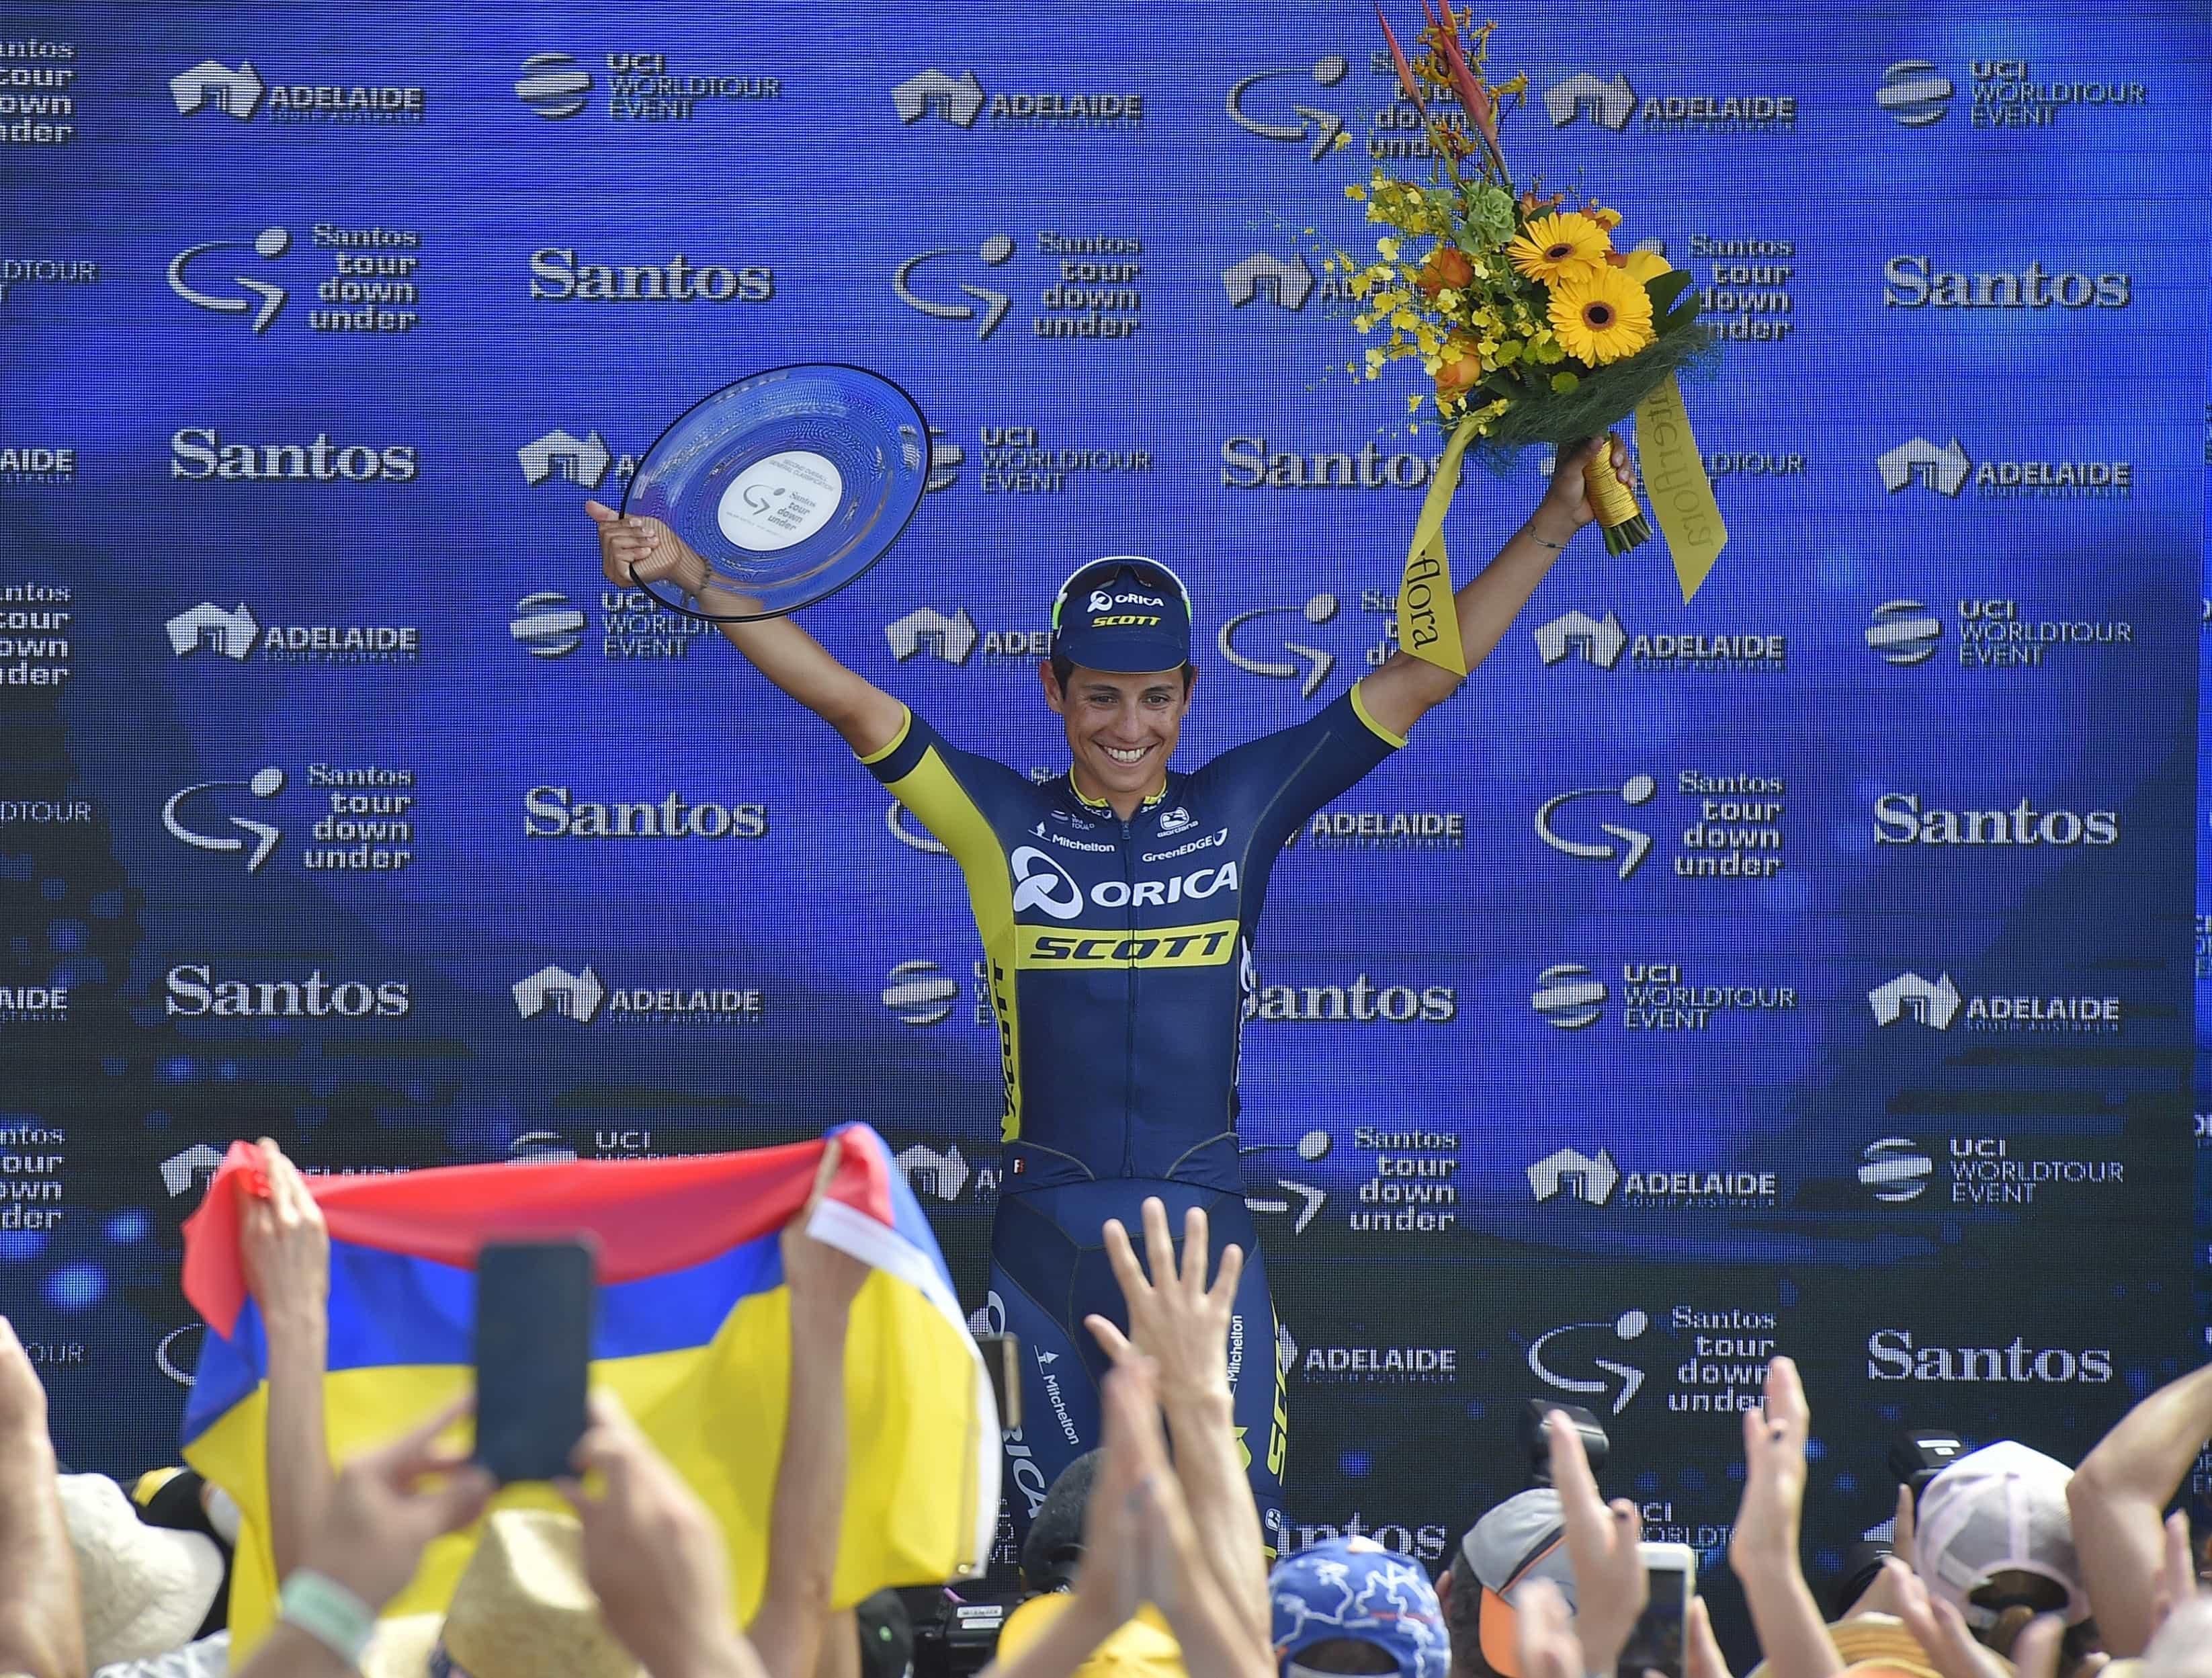 Esteban Chaves de Colombia celebra su segundo puesto en el podio del Tour Down Under